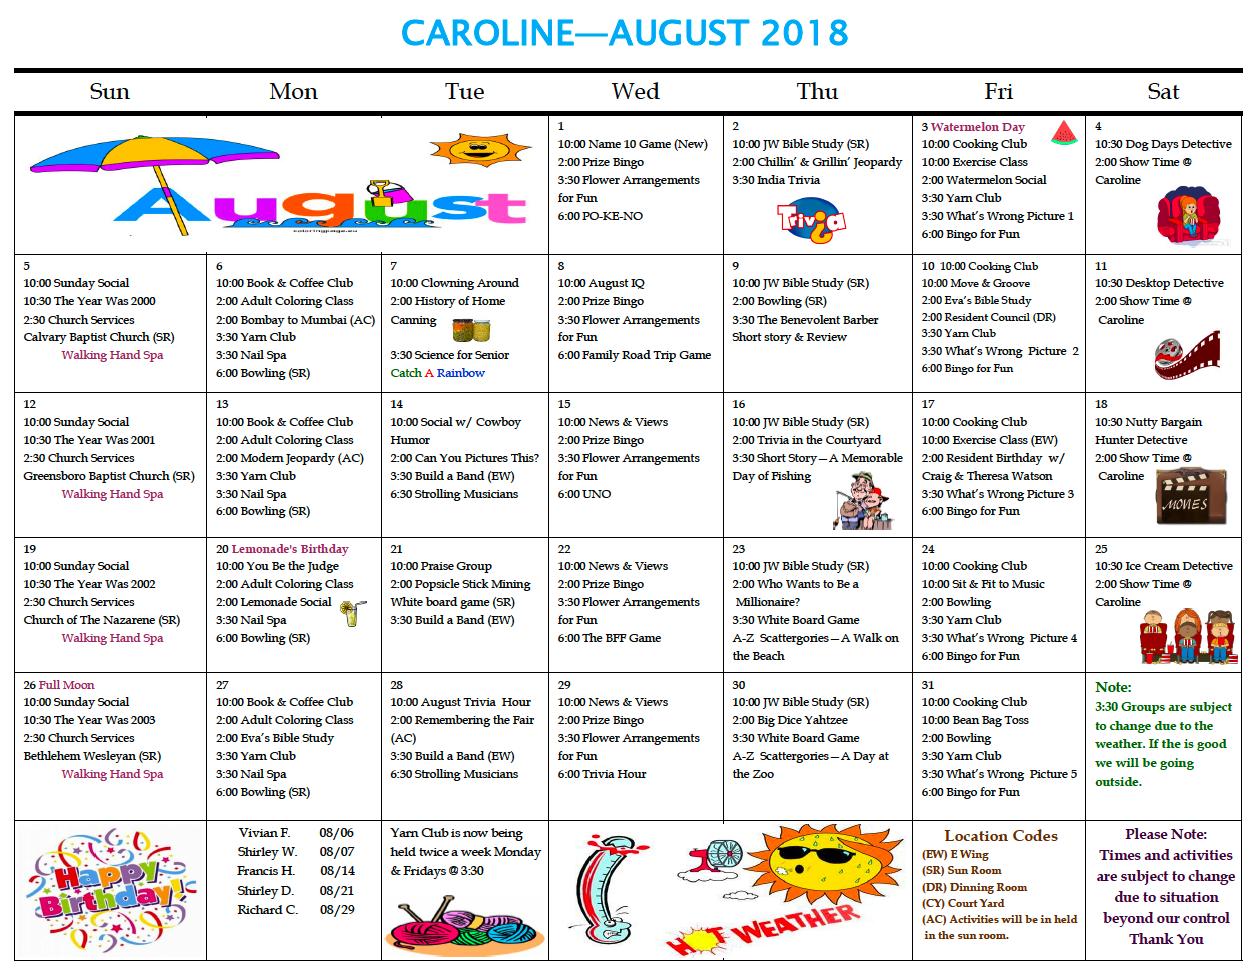 August 2018 Caroline calendar - Caroline Nursing and Rehabilitation